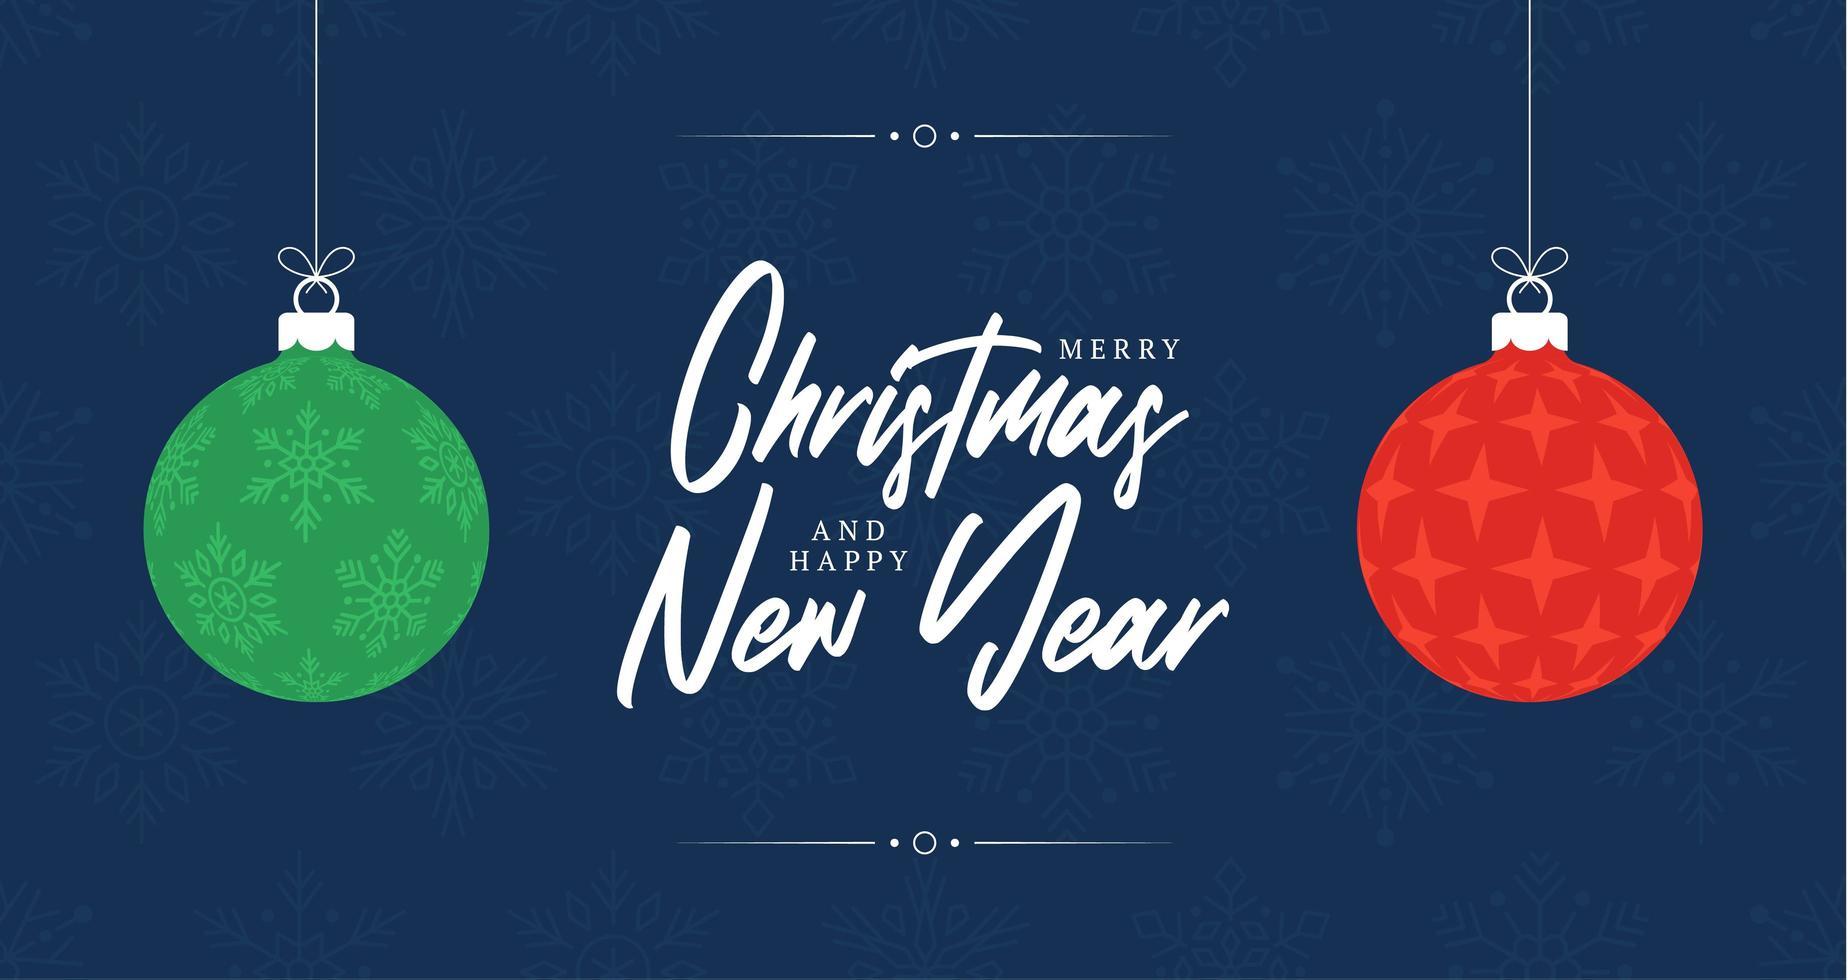 jul gratulationskort. retro jul eller nyårskort med två bollar röd och grön färg med stjärnform och snöflinga inuti. vektorillustration i platt stil vektor